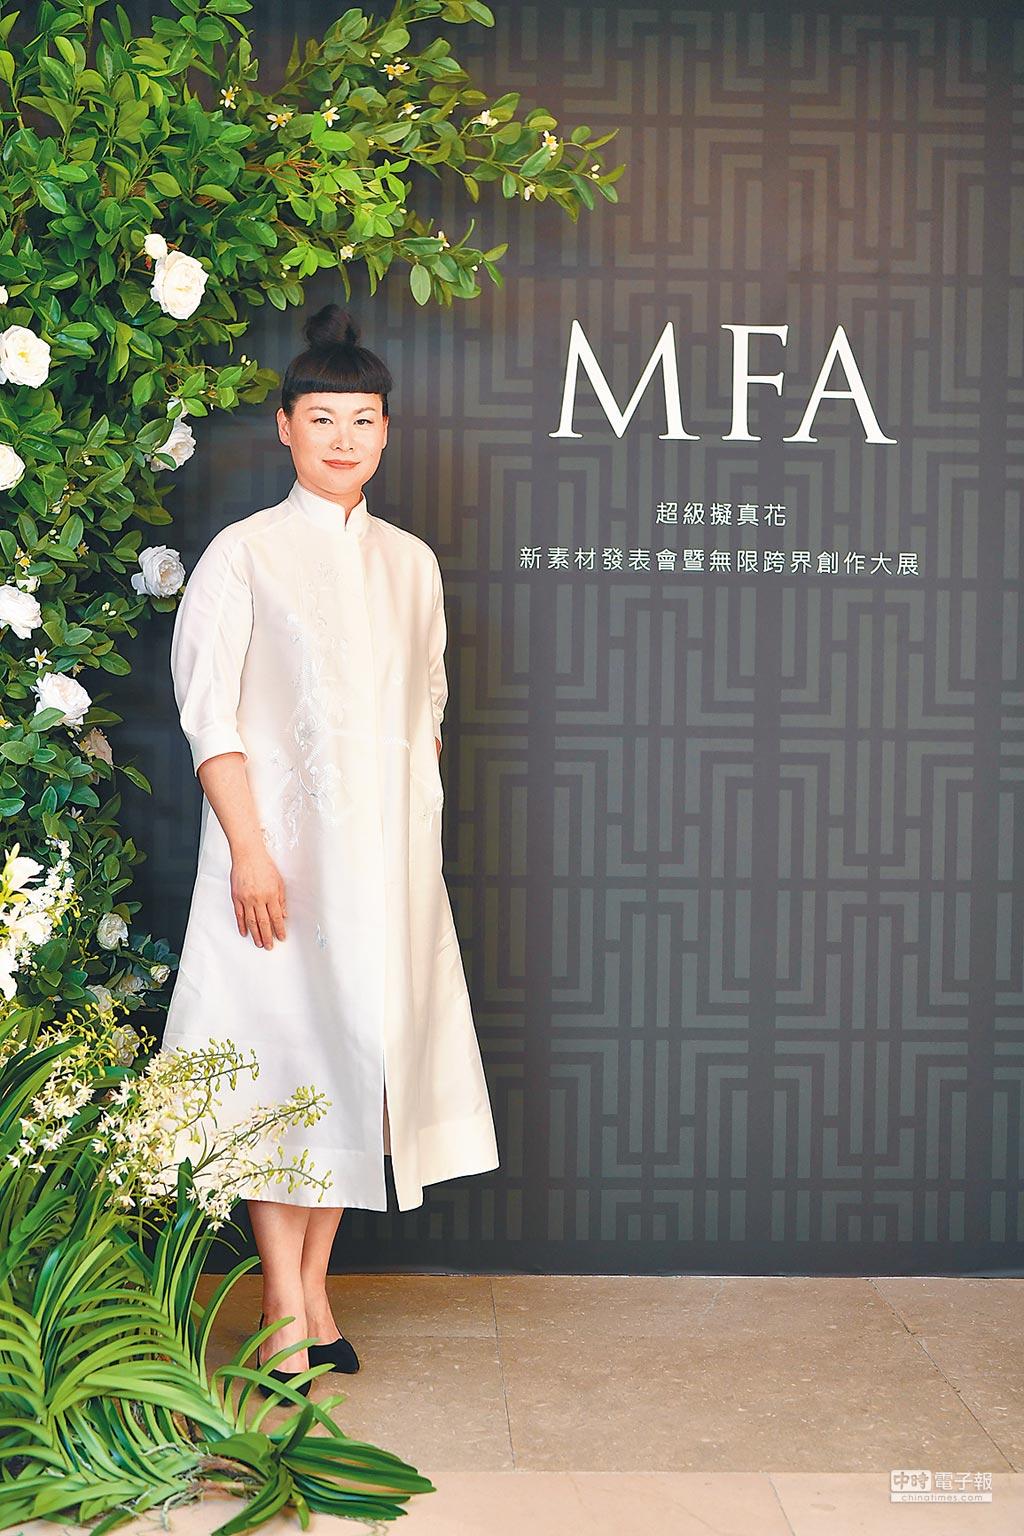 頂級訂製花禮品牌MFA超級擬真花新素材發表暨無限跨界藝術創作大展,創辦人暨創意總監Mely。(MFA提供)